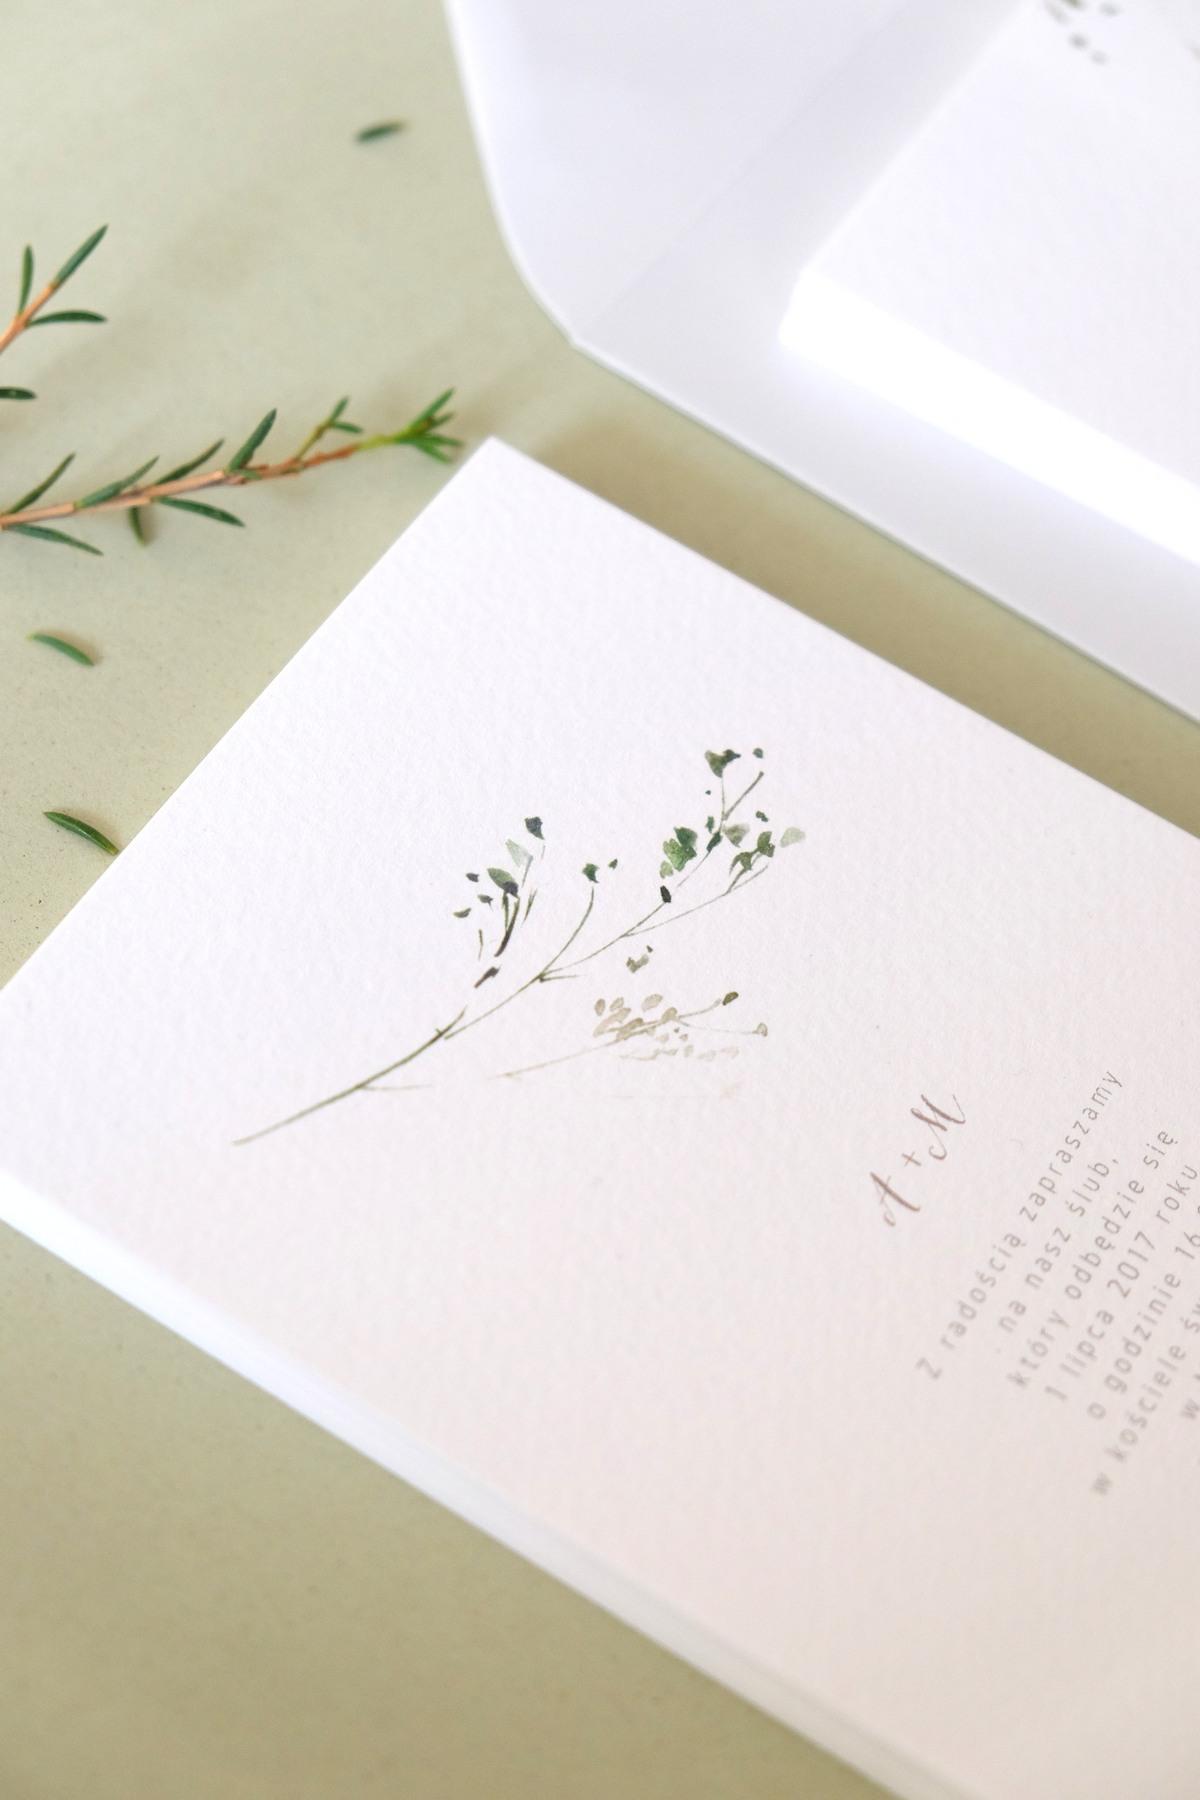 Oryginalne-Zaproszenia-Ślubne-z-Motywem-Zielonej-Gałązki-Herbarium3